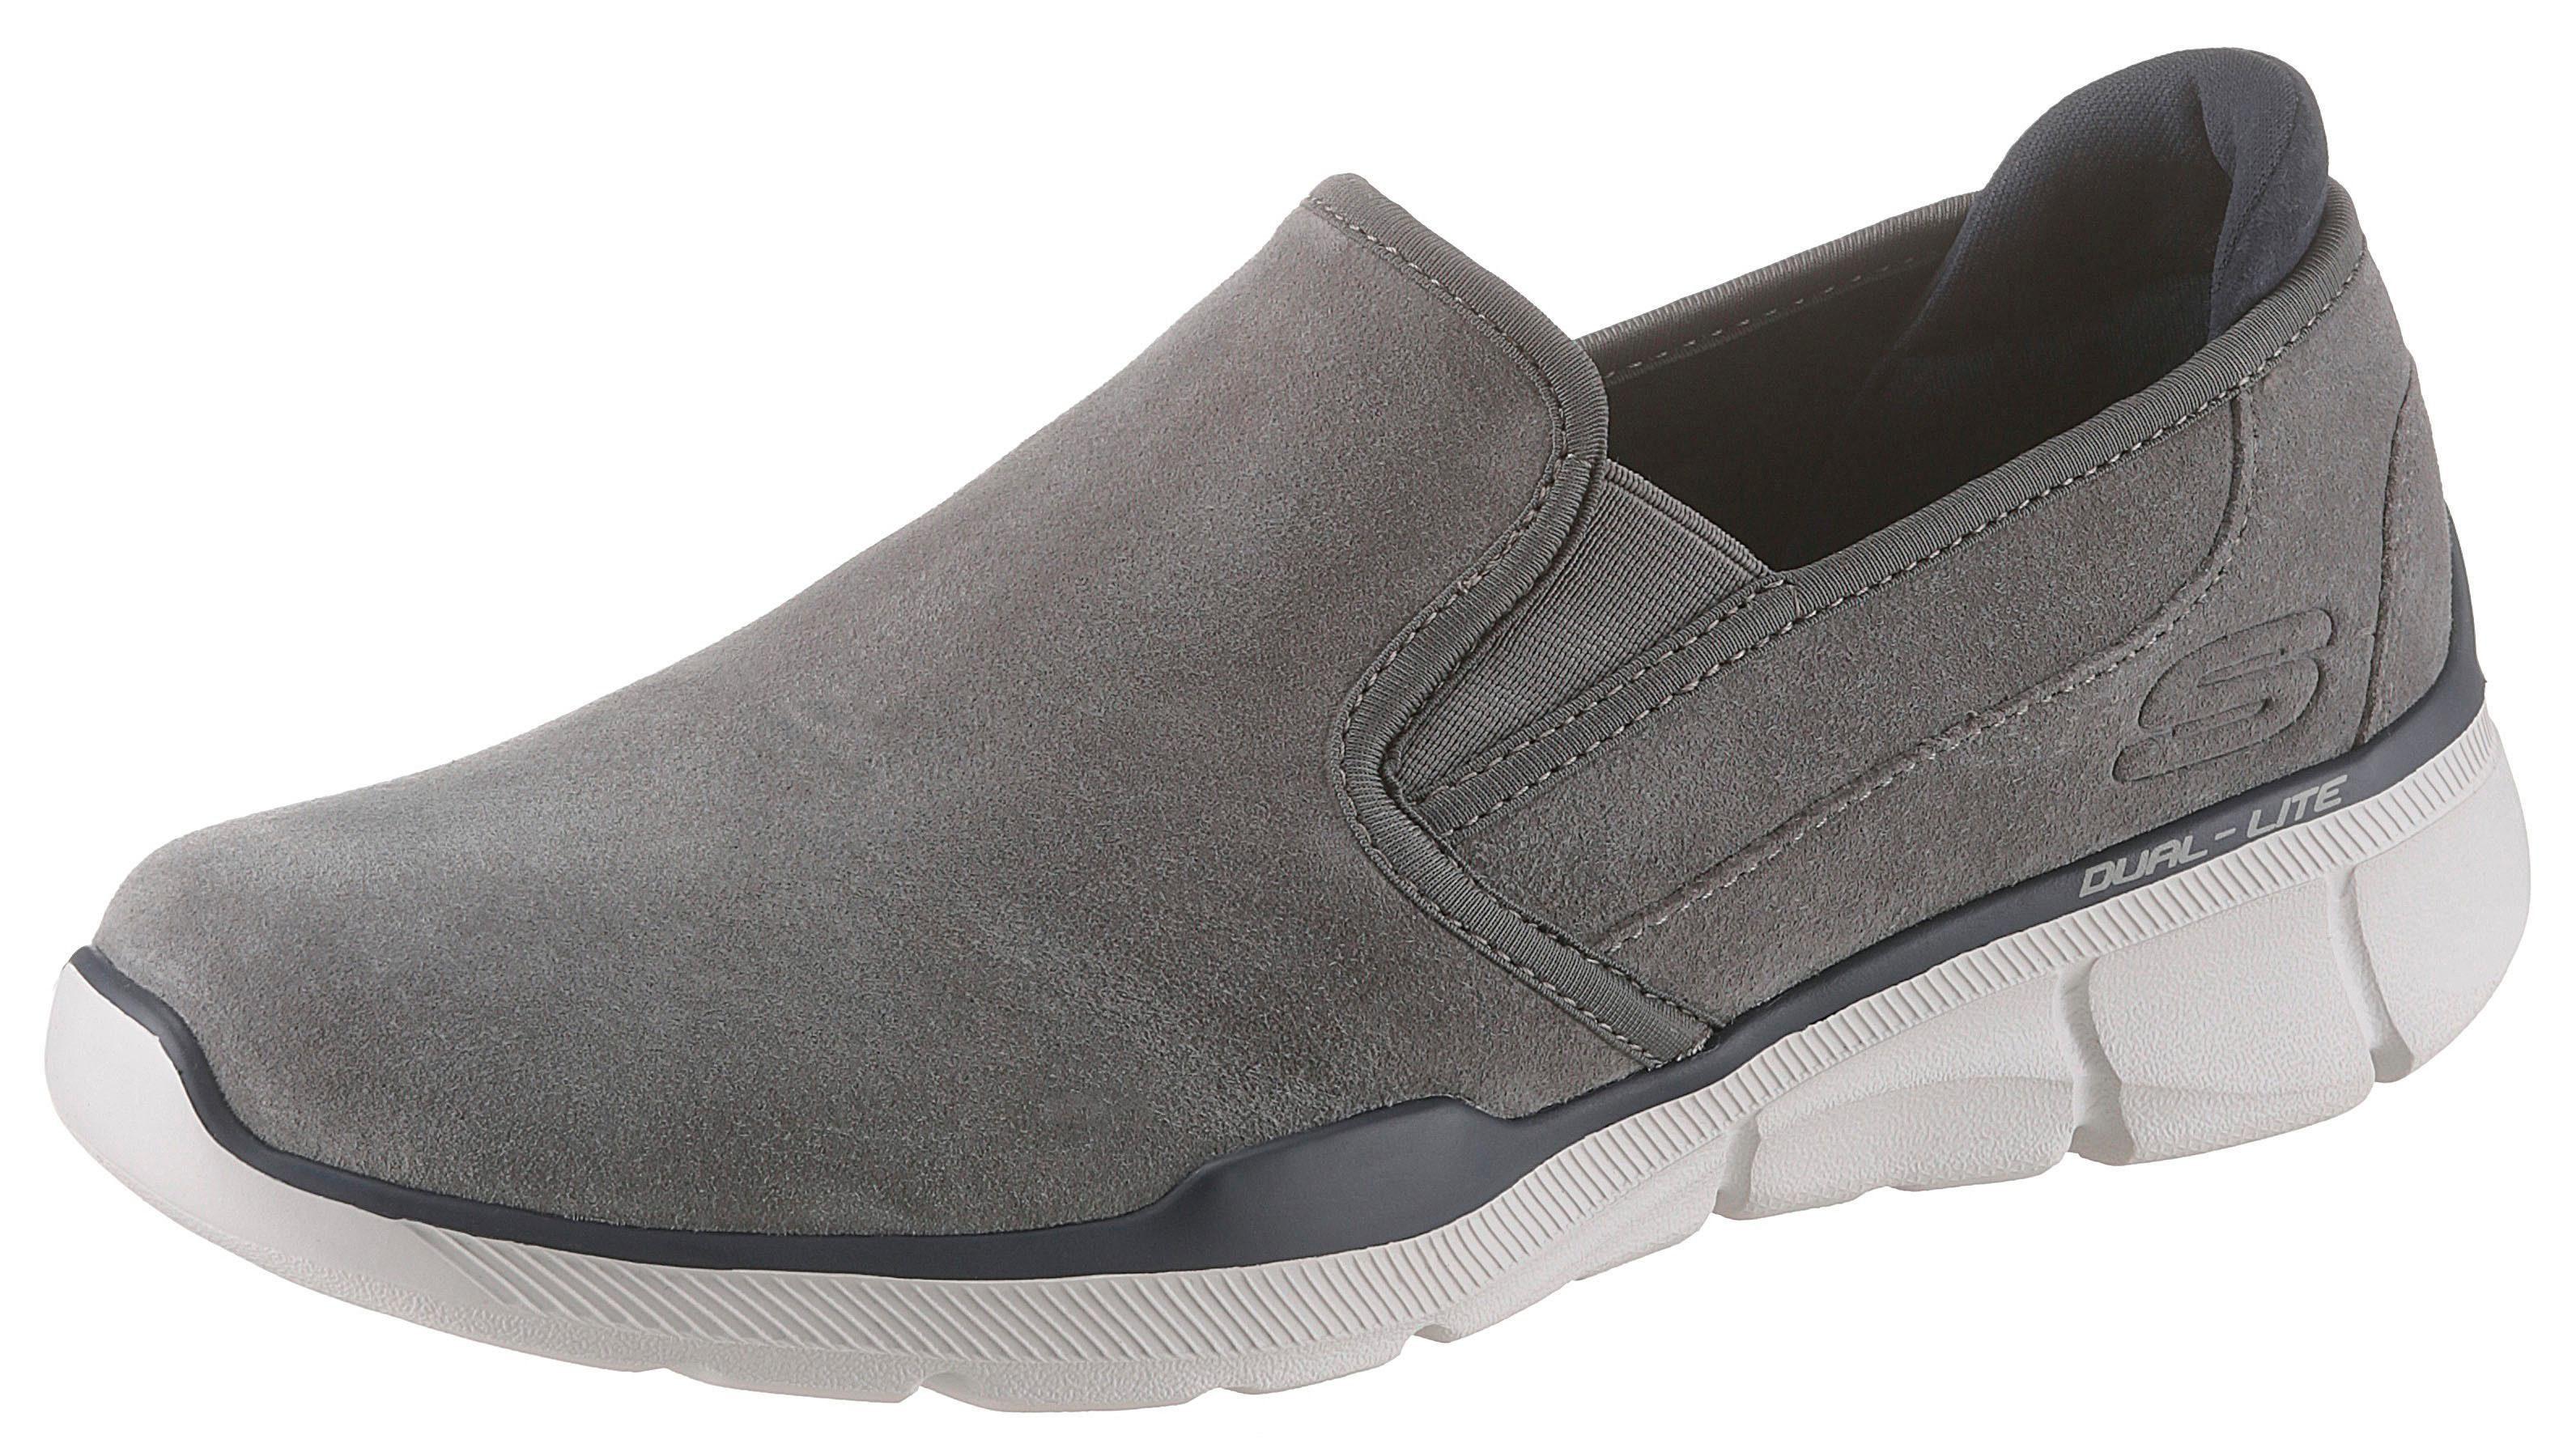 Skechers »Equalizer 3.0« Slip On Sneaker mit elastischen Stretcheinsätzen online kaufen   OTTO